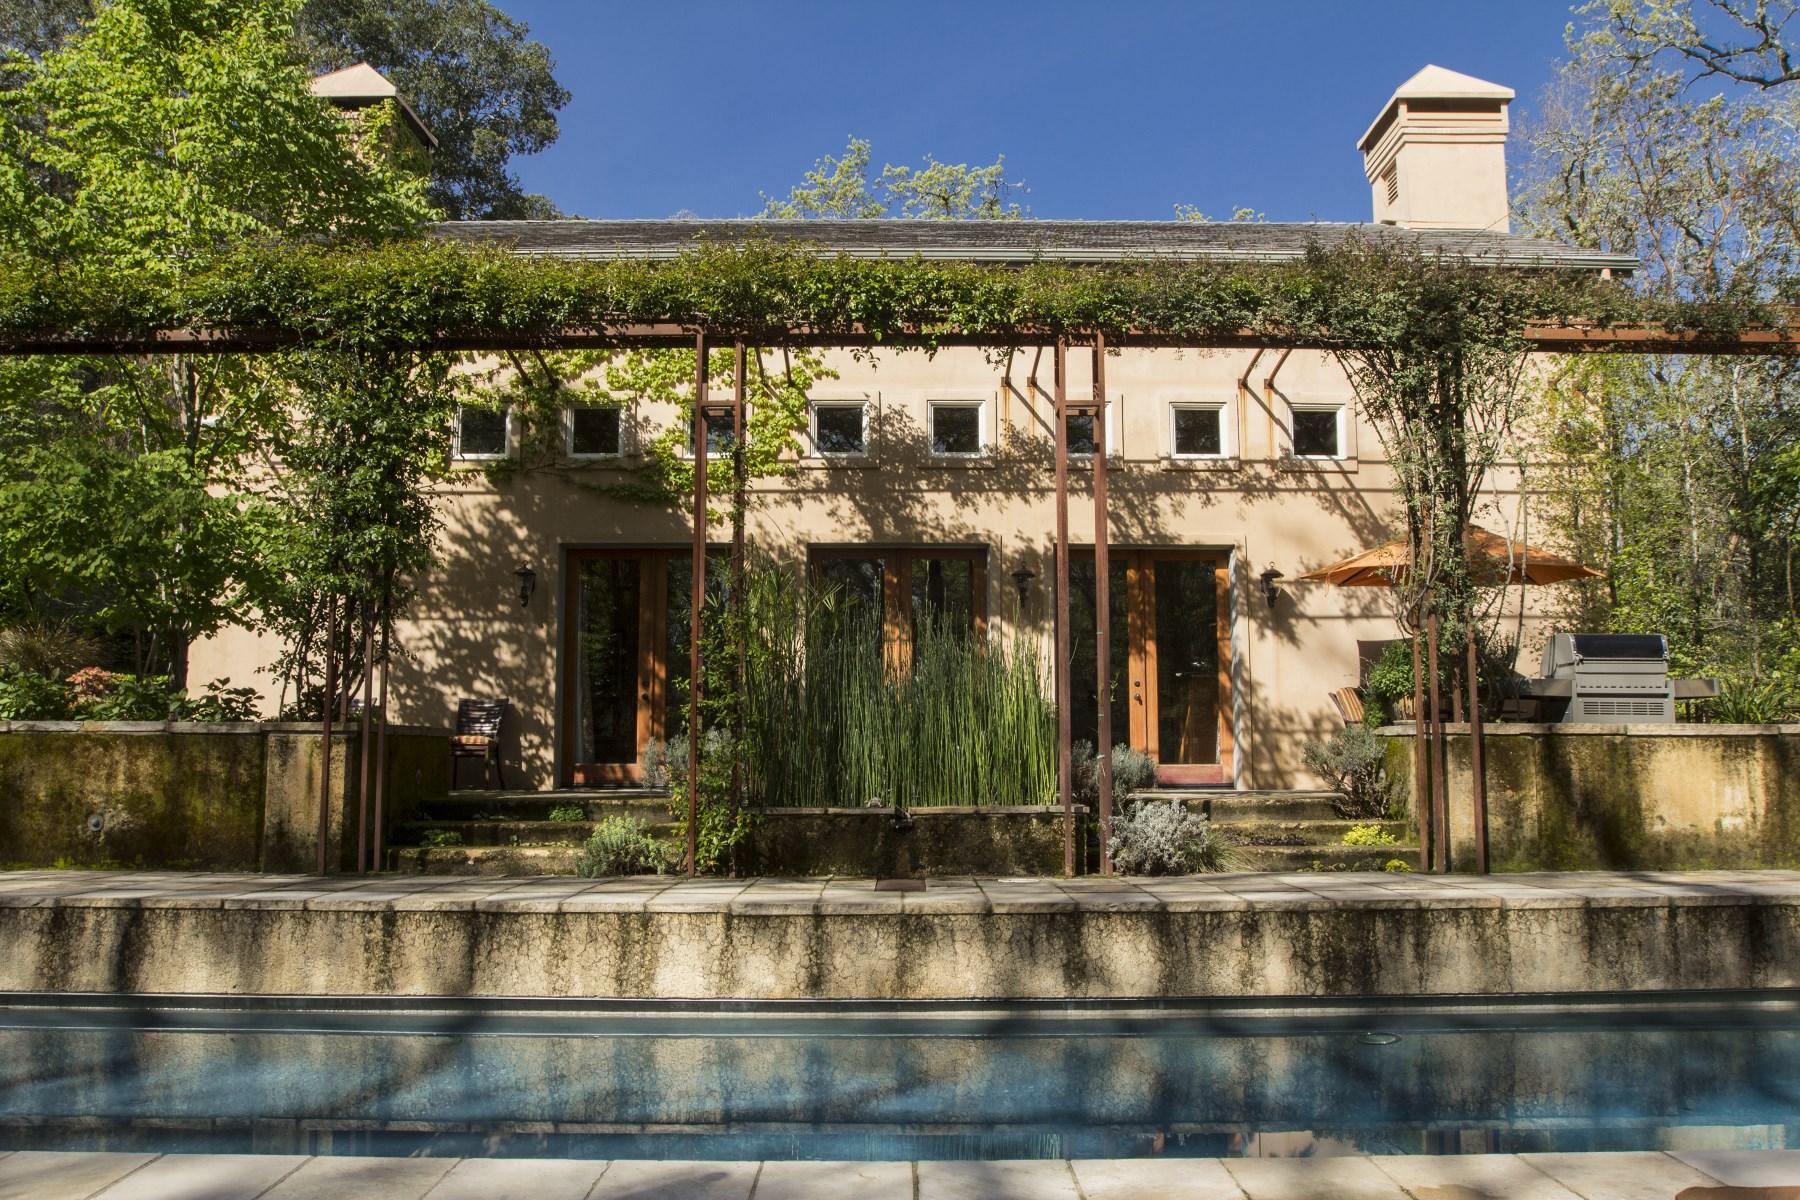 Moradia para Venda às Paradise in Downtown Glen Ellen 1277 London Ranch Rd Glen Ellen, Califórnia, 95442 Estados Unidos